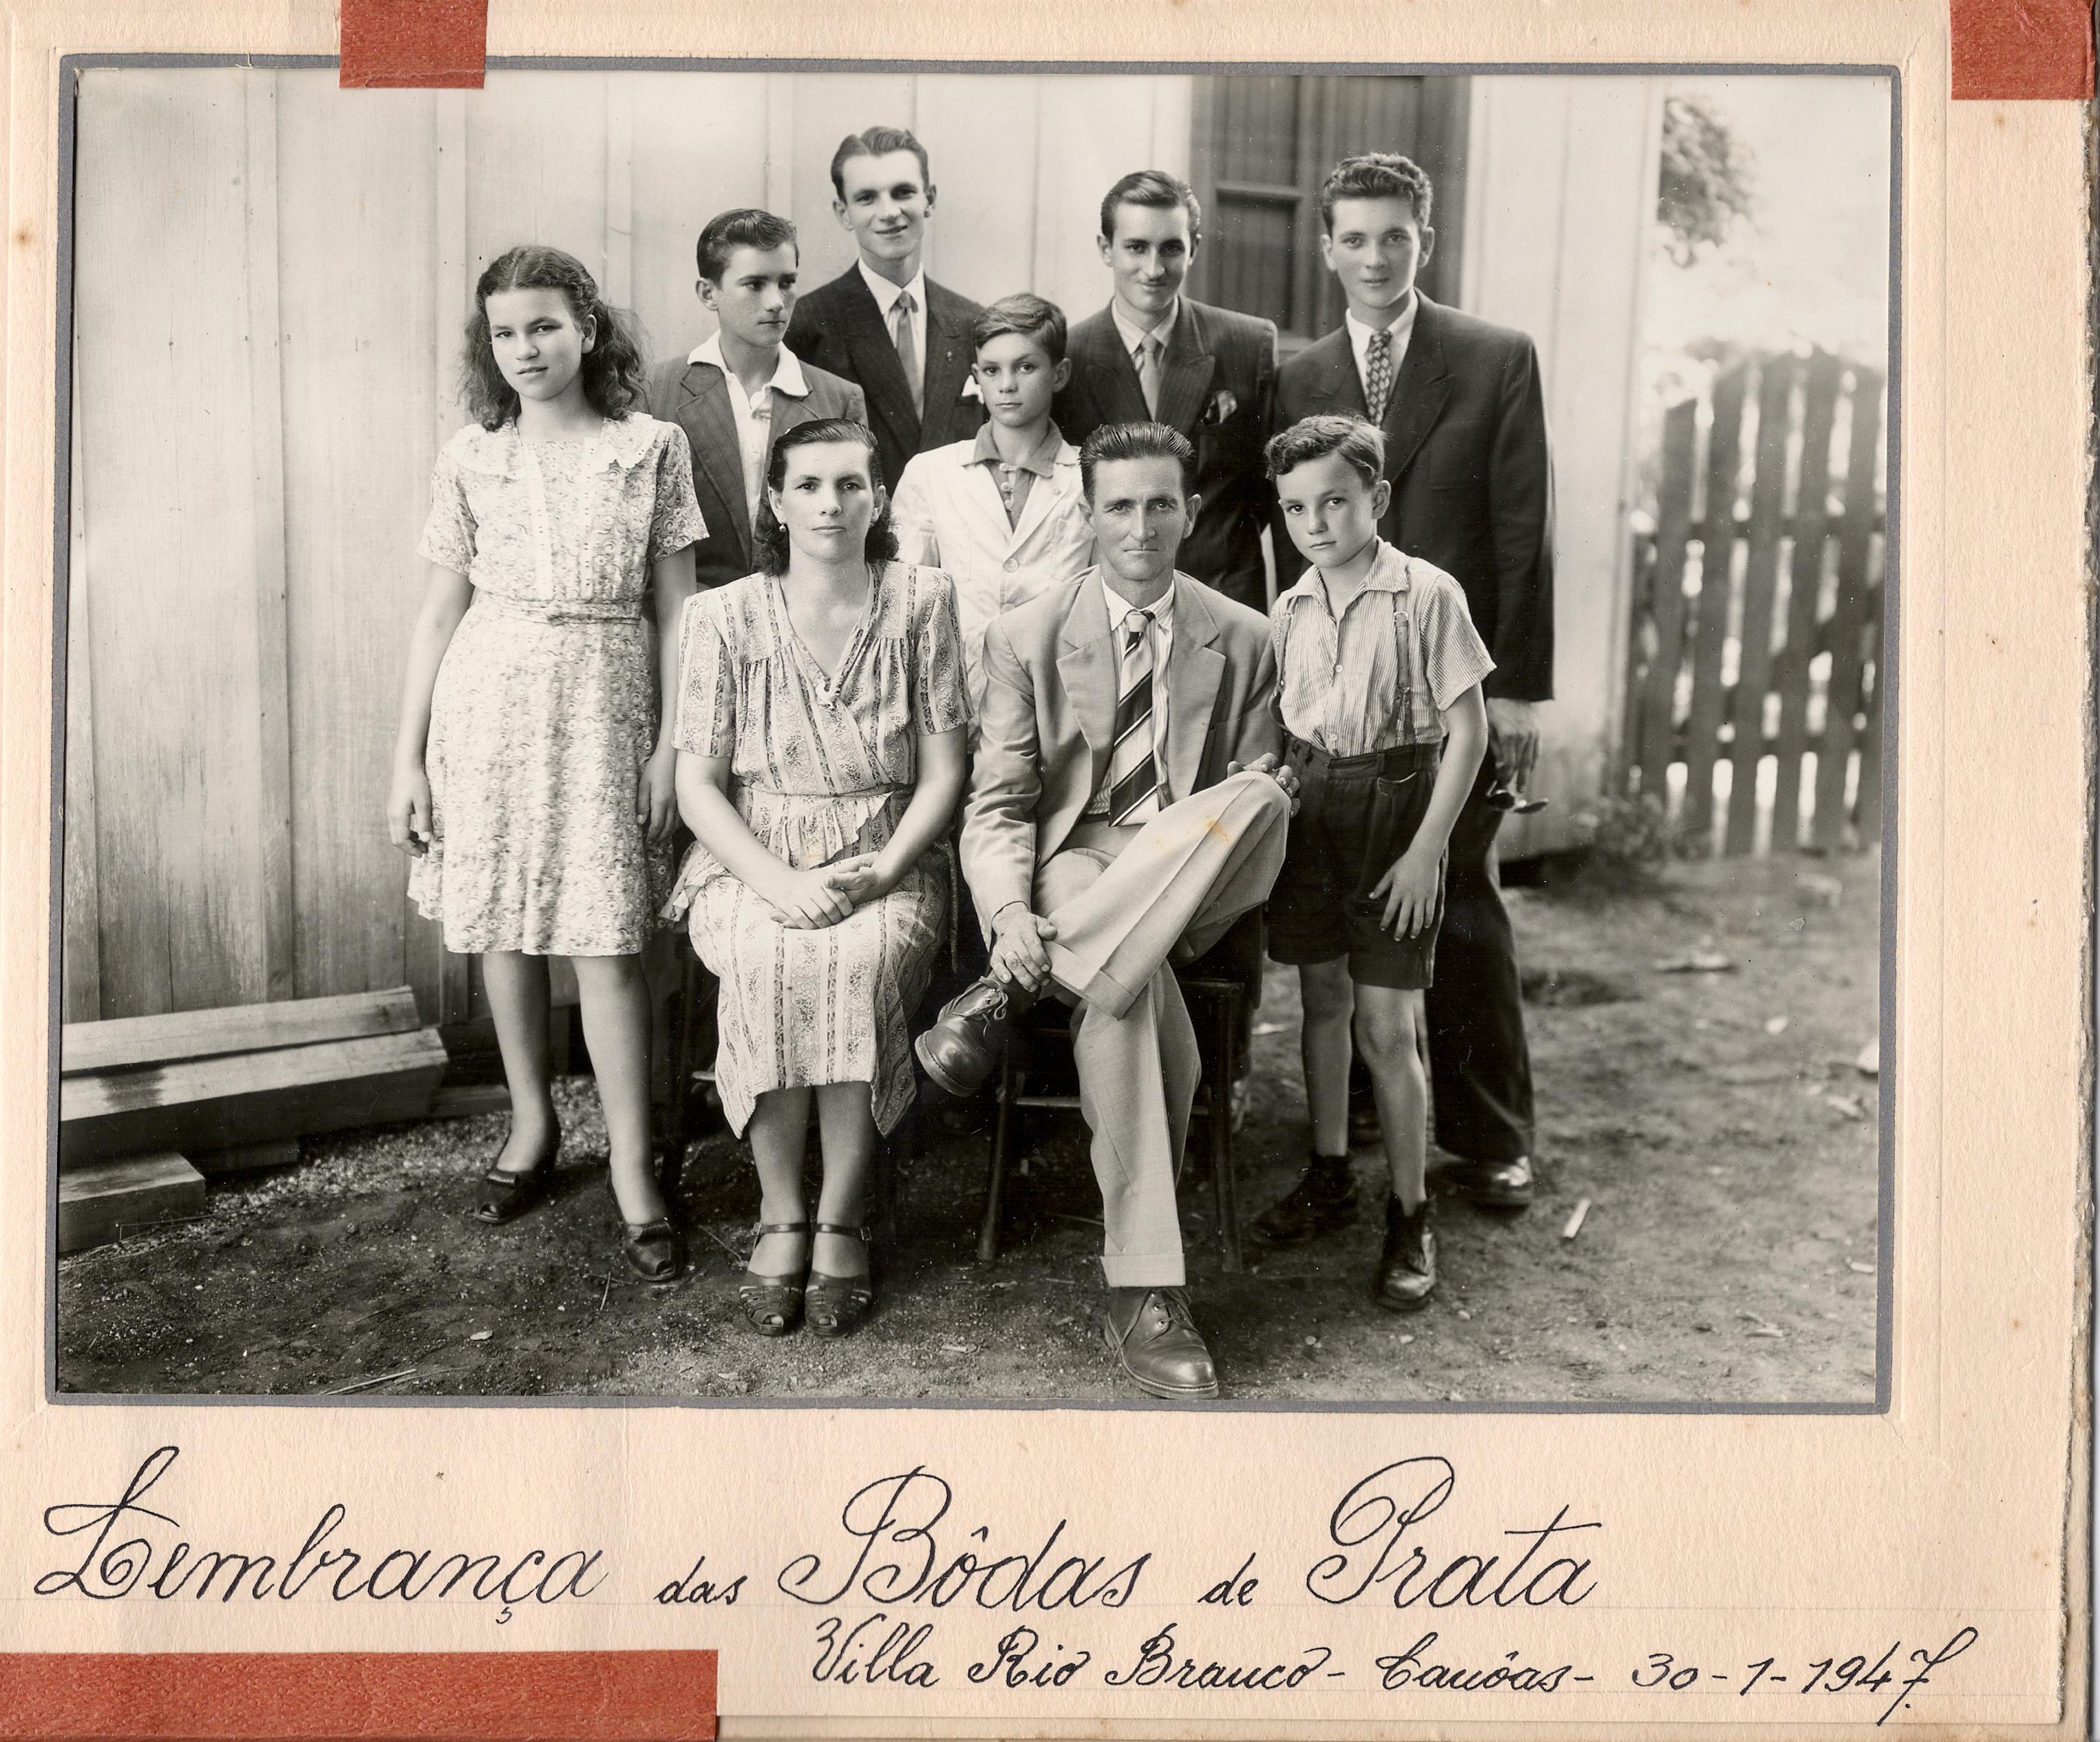 """Possivelmente, José Carlos, o tio """"Joca"""" e família, em 1947, Viamão. Acervo de família."""